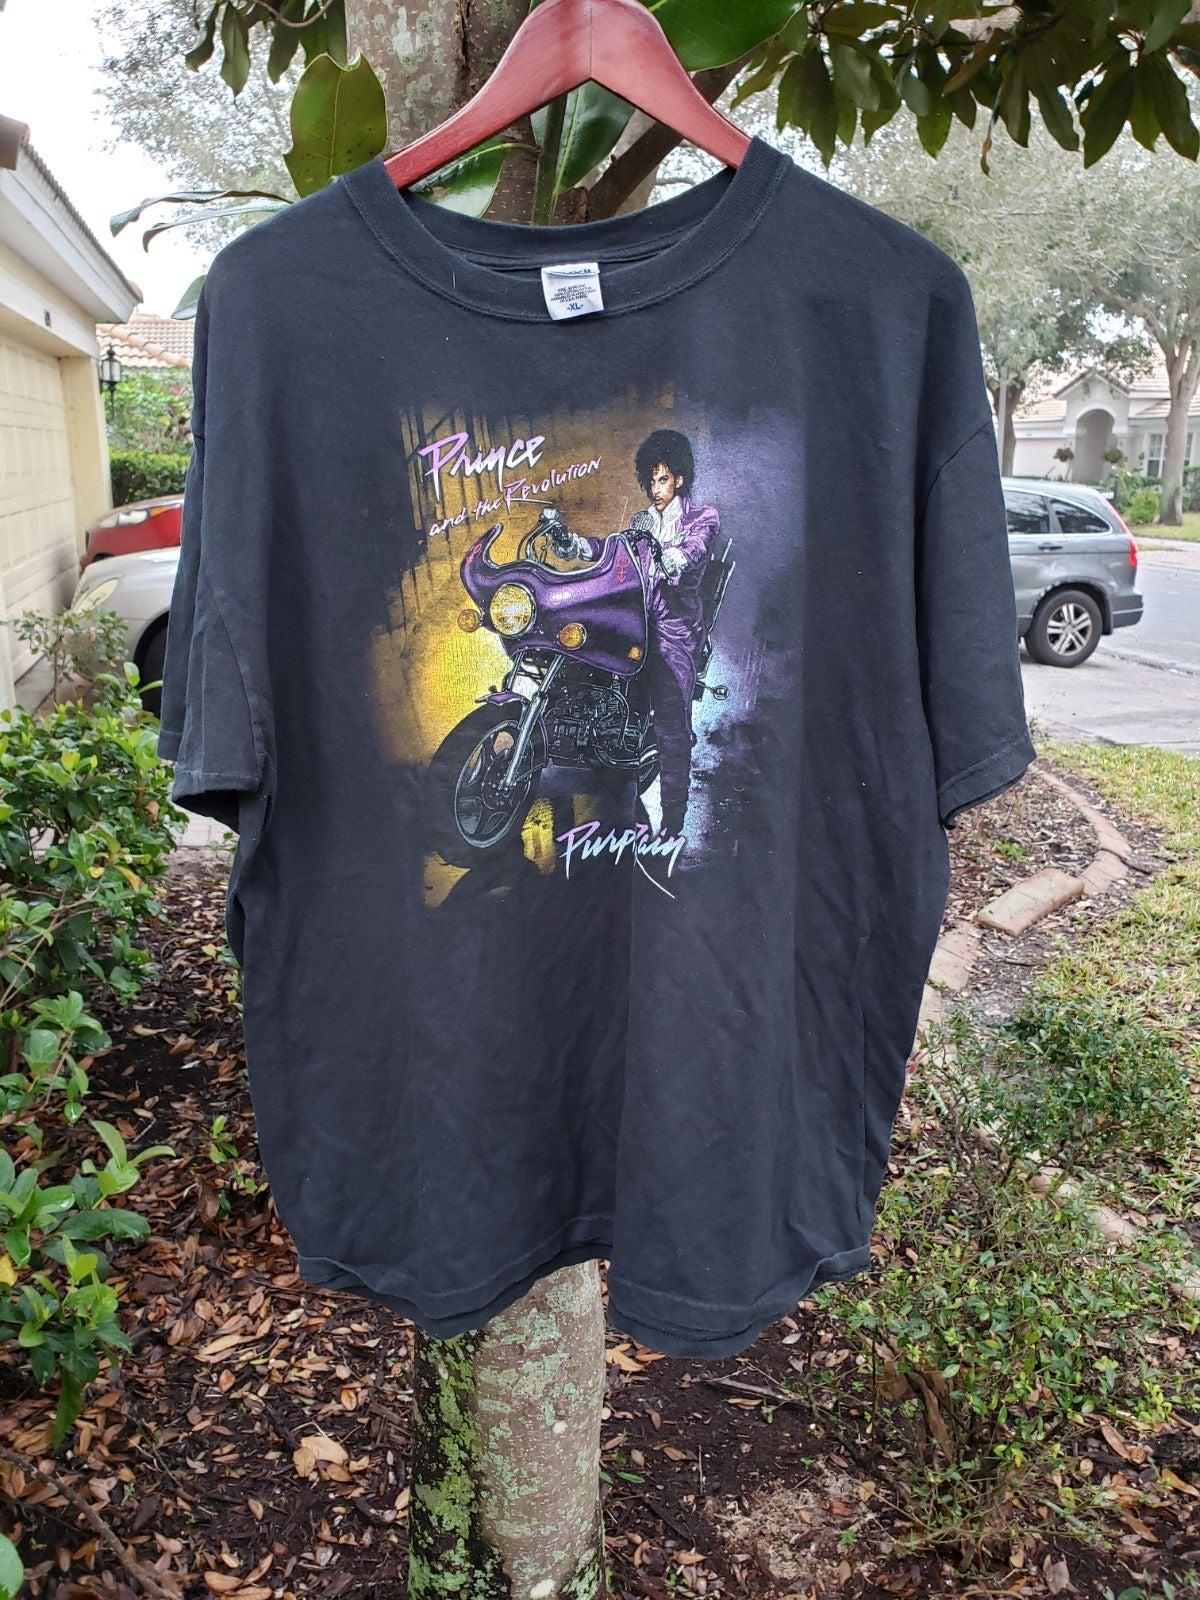 Vintage prince shirt